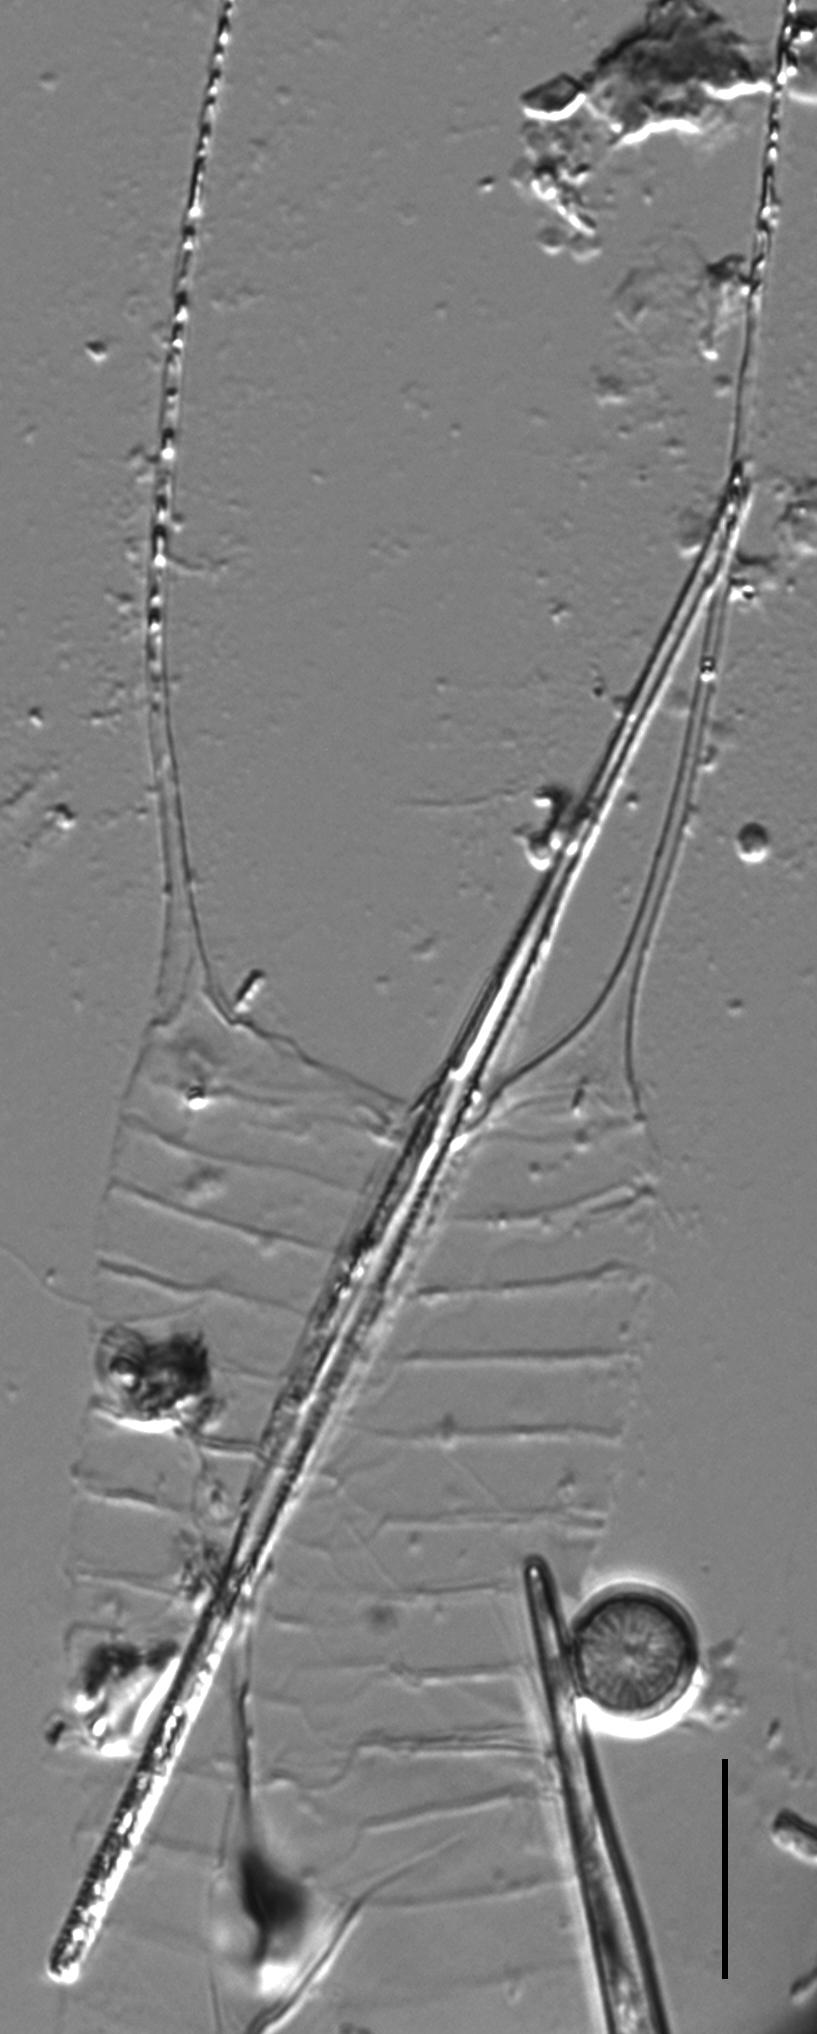 Acanthoceras zachariasii LM1